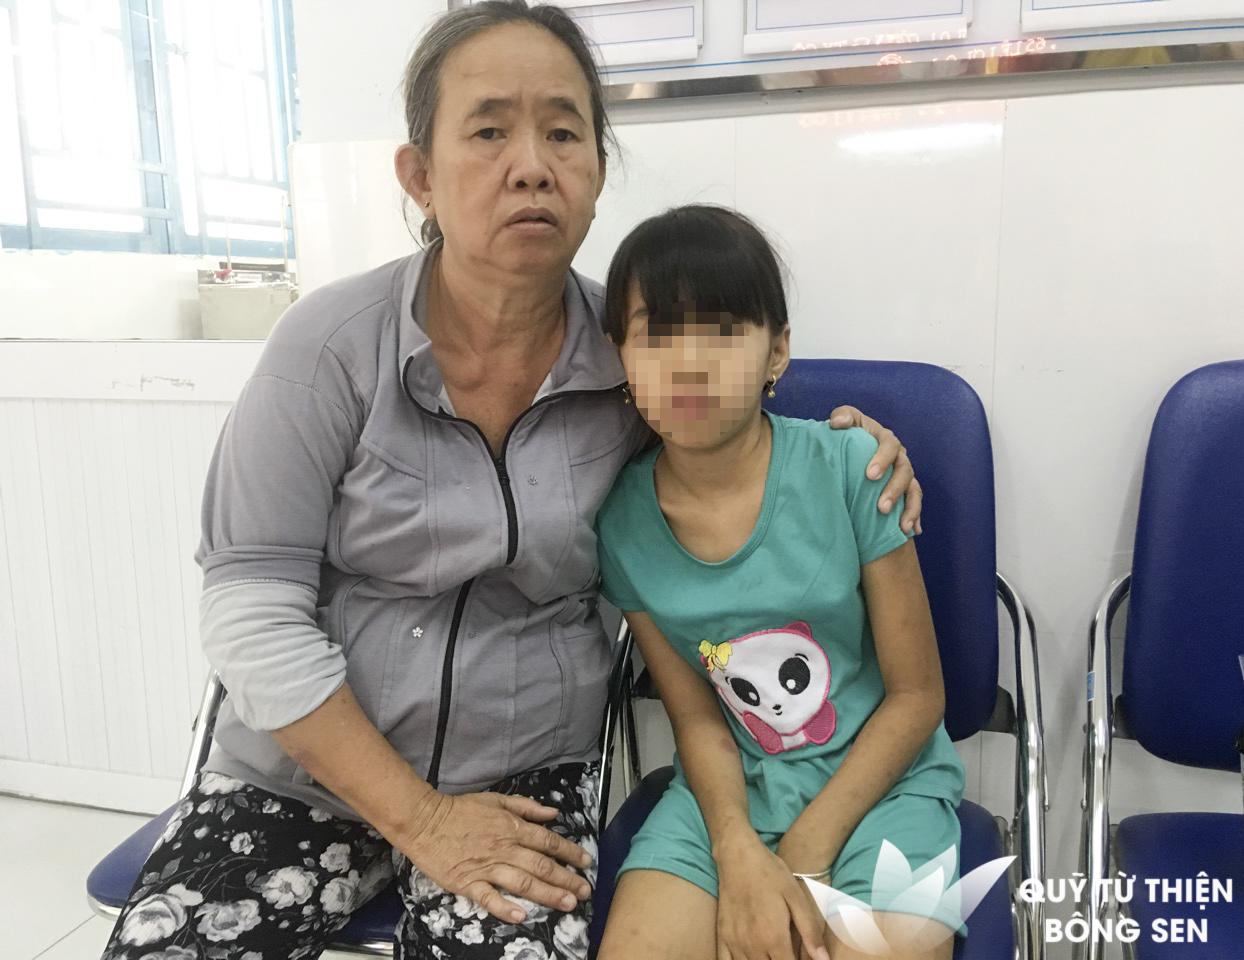 Kỳ 388: Bé Ngô Châu Phương Thu (11 tuổi) quê Hóc Môn – TpHCM, tim bẩm sinh, hỗ trợ 17 triệu đồng ngày 11/10/2018